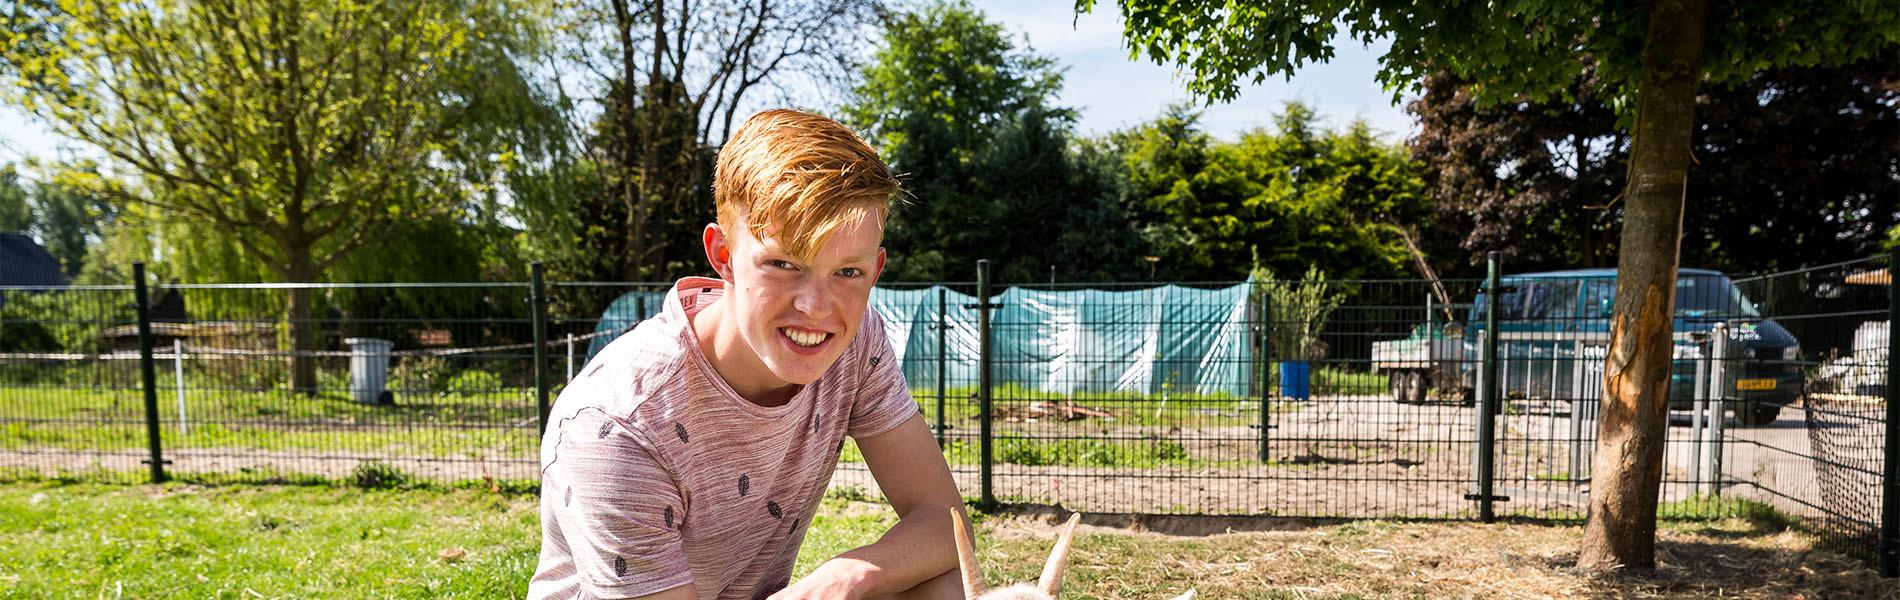 VMBO Nijkerk jongen bij geit